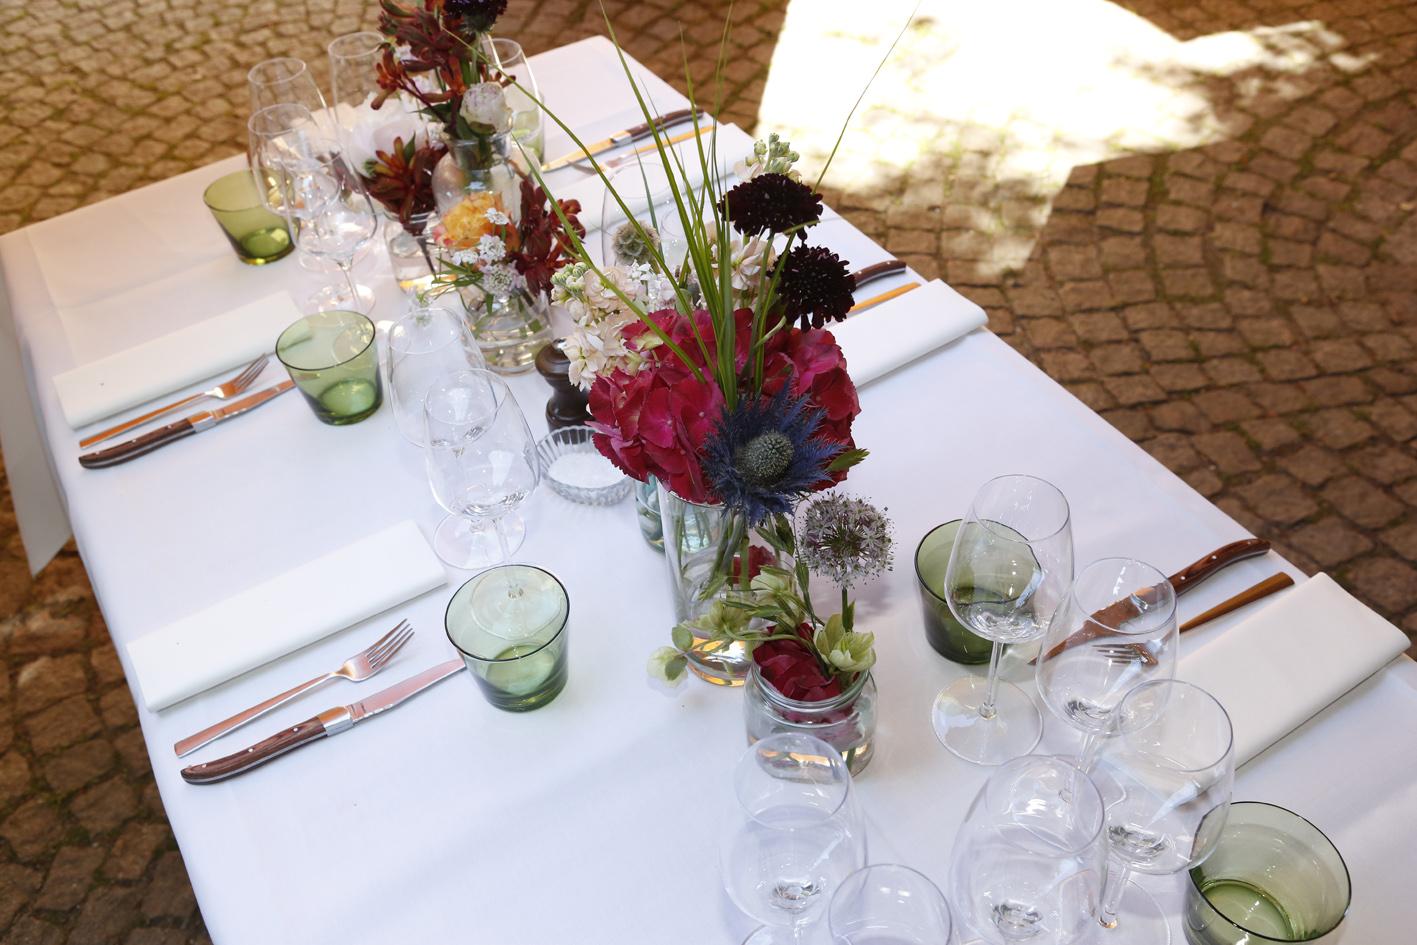 Blomster og dekorationer til din sommerfest | Bobedre.dk